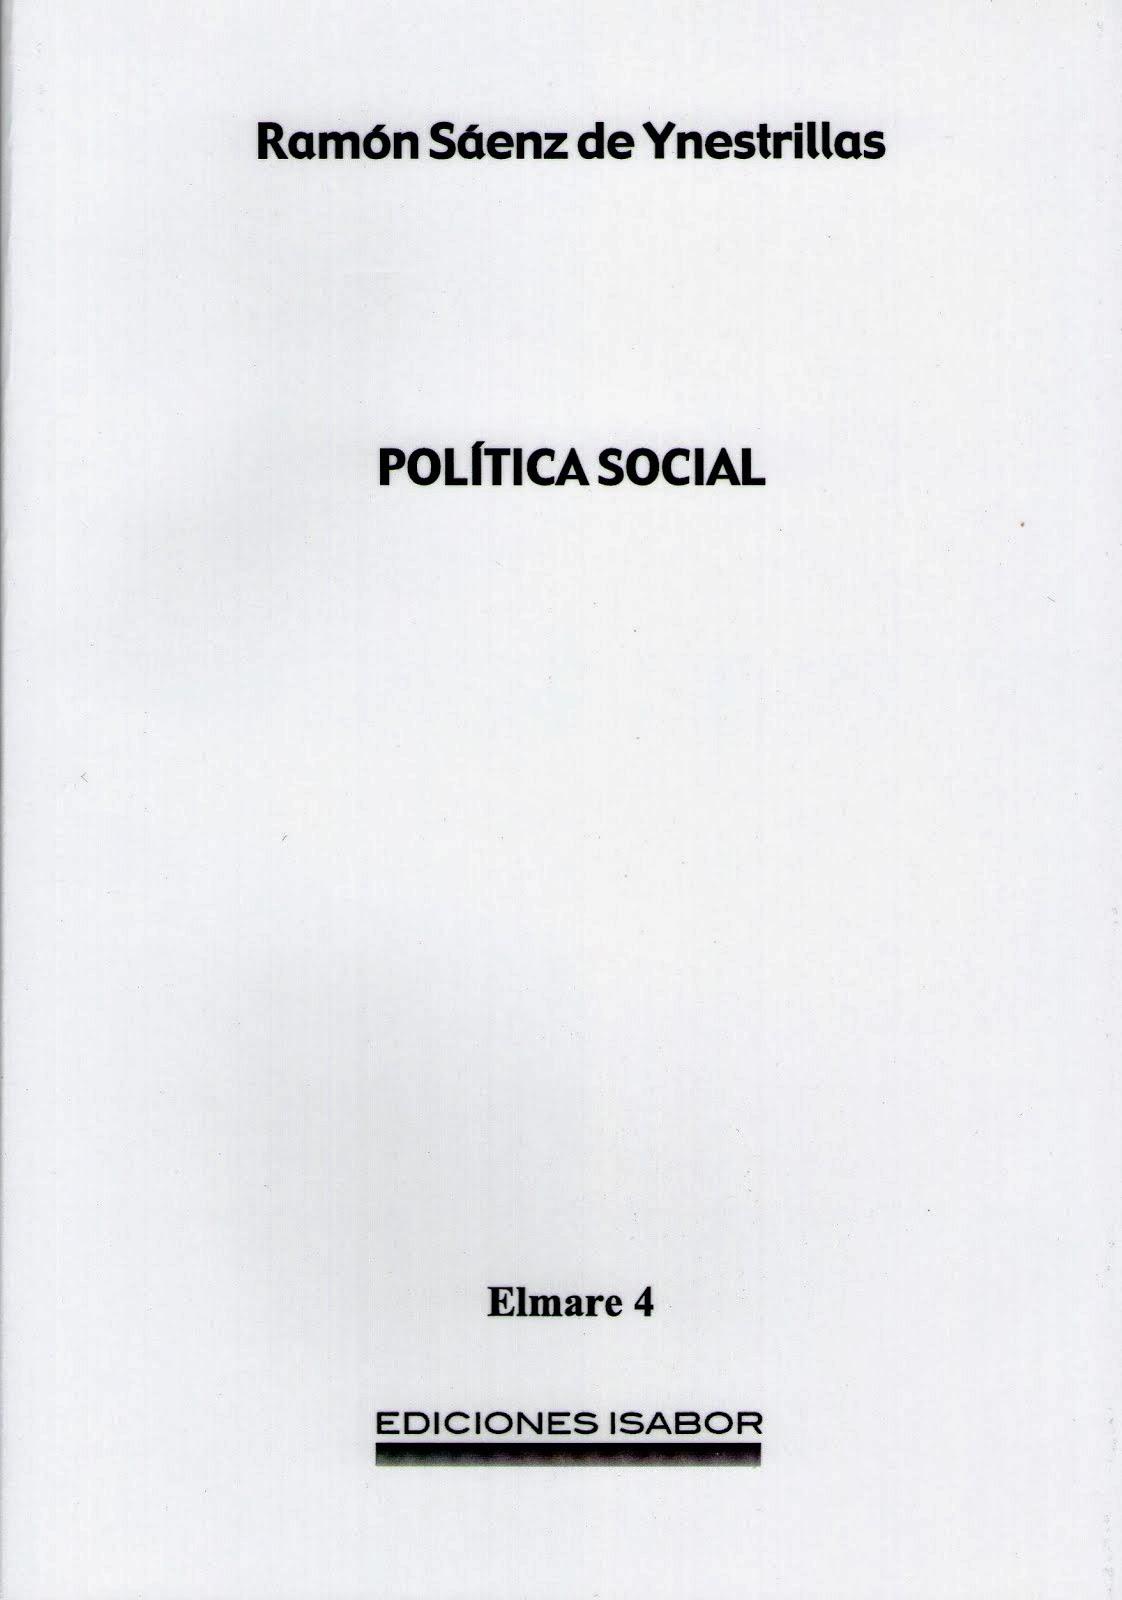 Edición de R. Sáenz de Ynestrillas